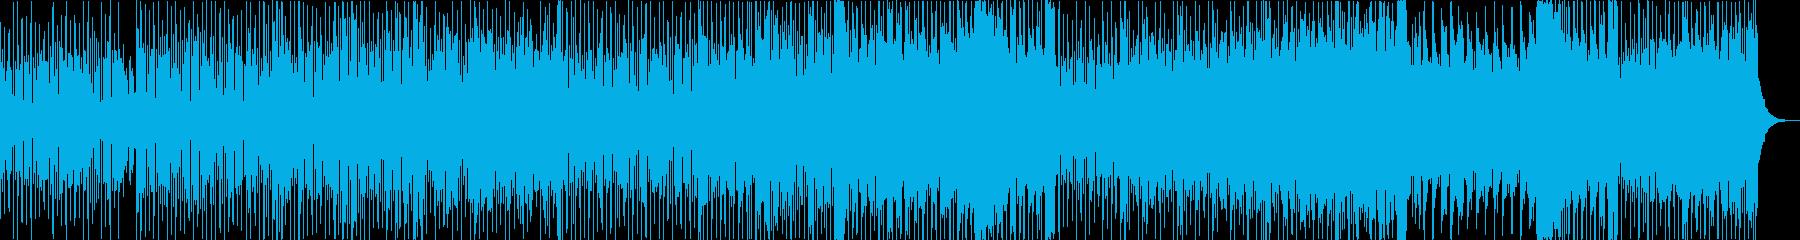 懐かしい感じの80年代テクノポップの再生済みの波形